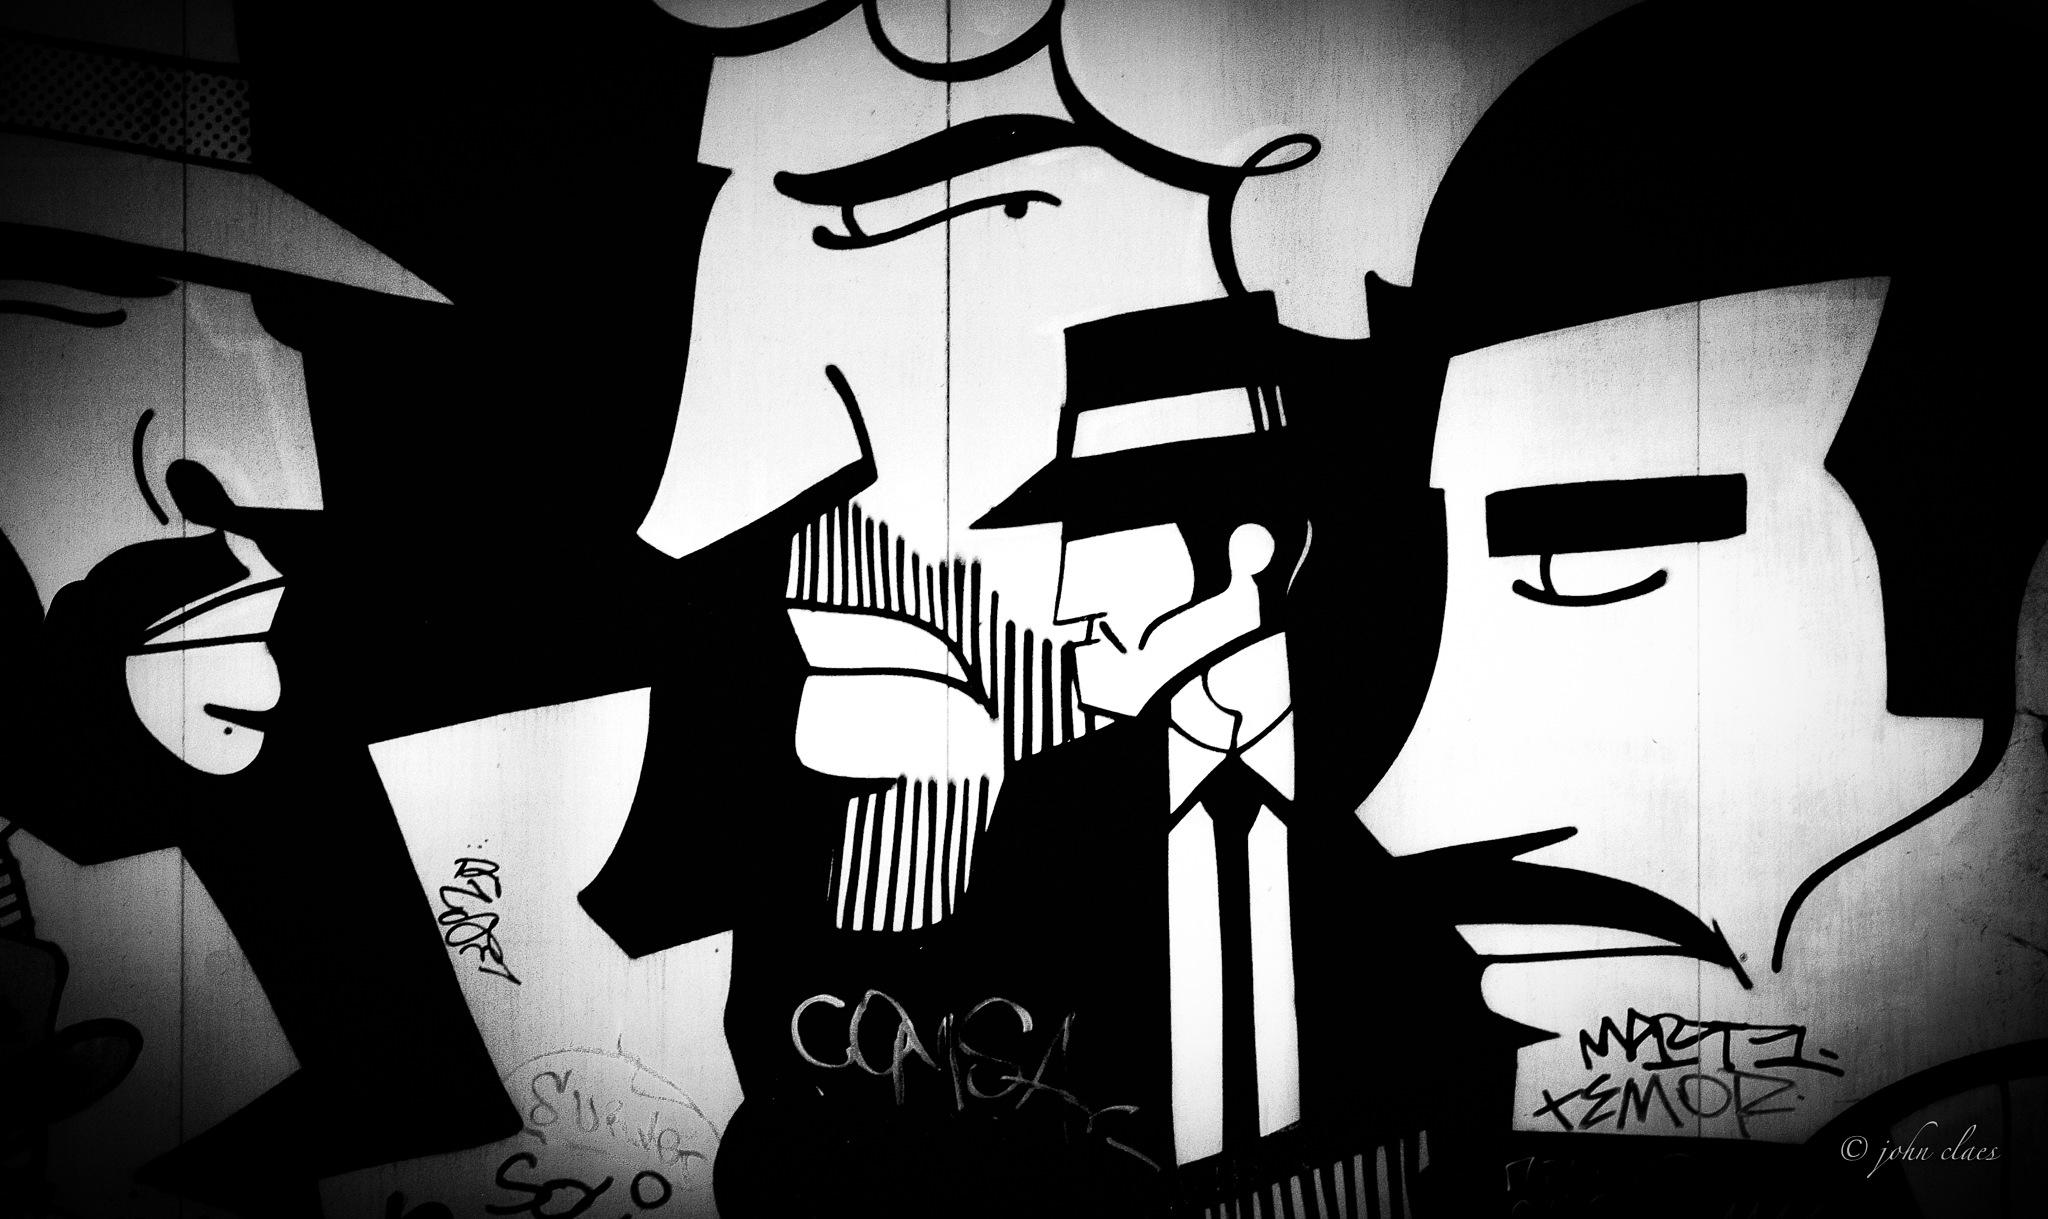 Gangsters by fotoclaesjohn